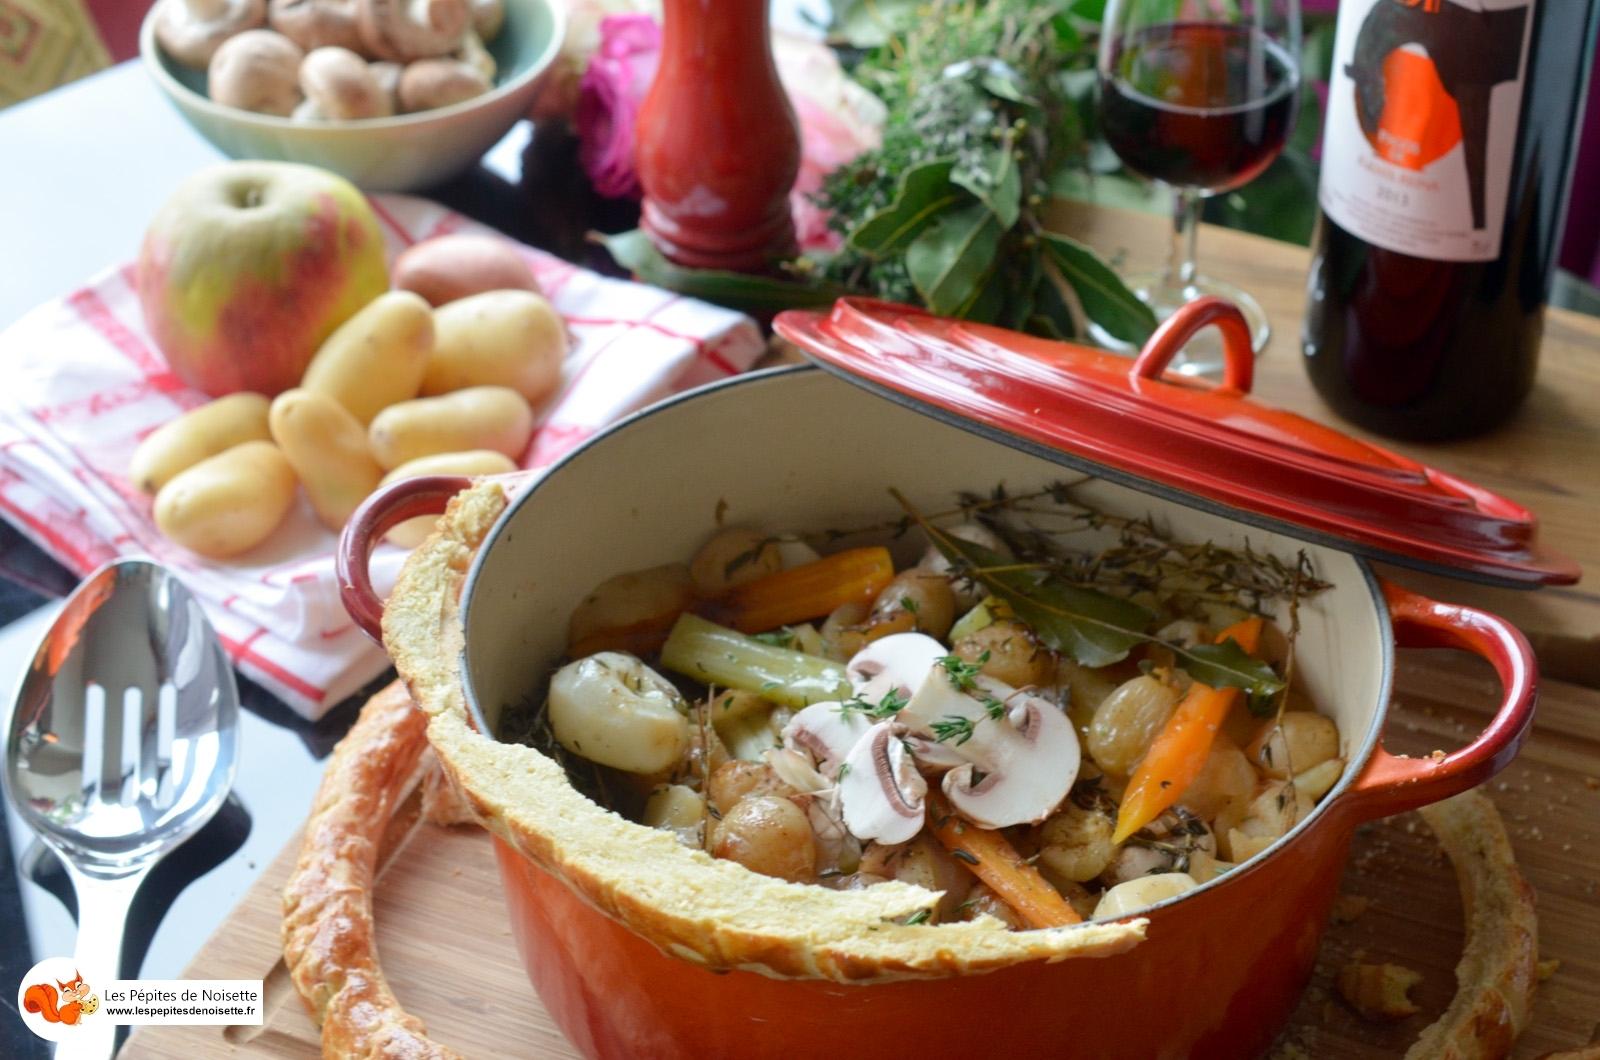 RECETTE DE CHEF: Cocotte lutée de légumes et fruits au lard paysan et à la truffe